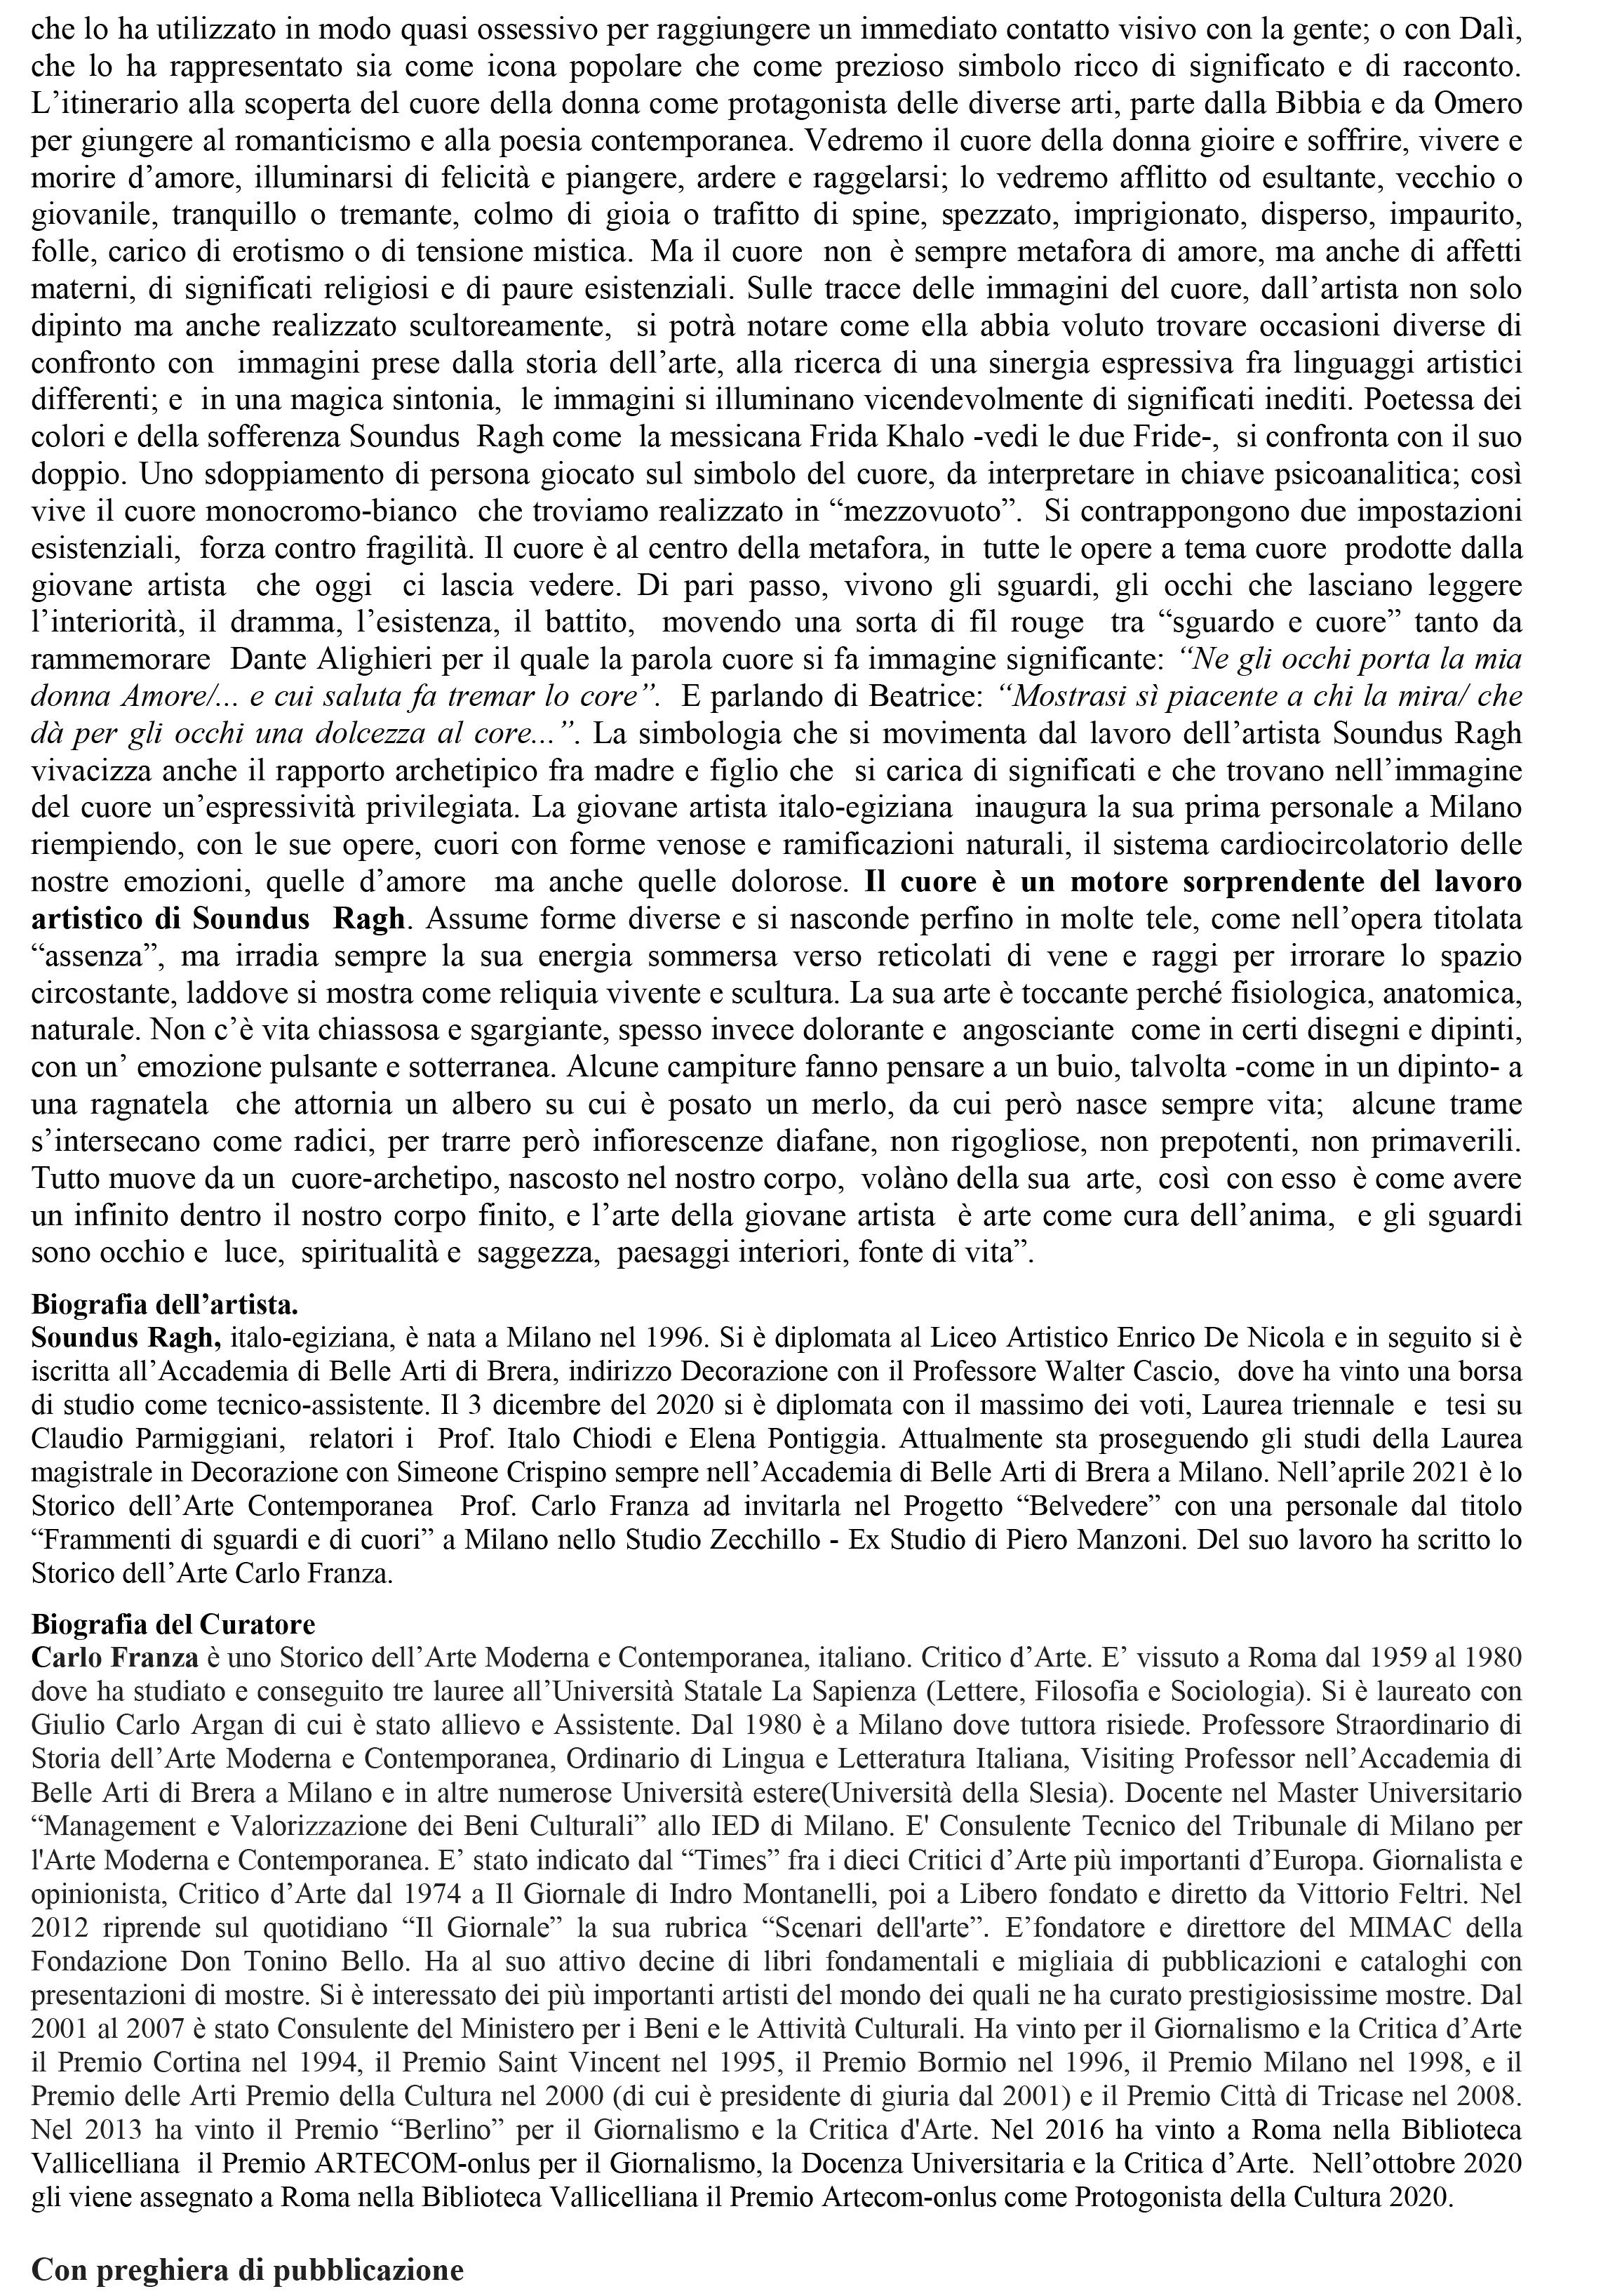 COMUNICATO STAMPA MOSTRA SOUNDUS RAGH, Ex Studio Piero Manzoni aprile 2021-2